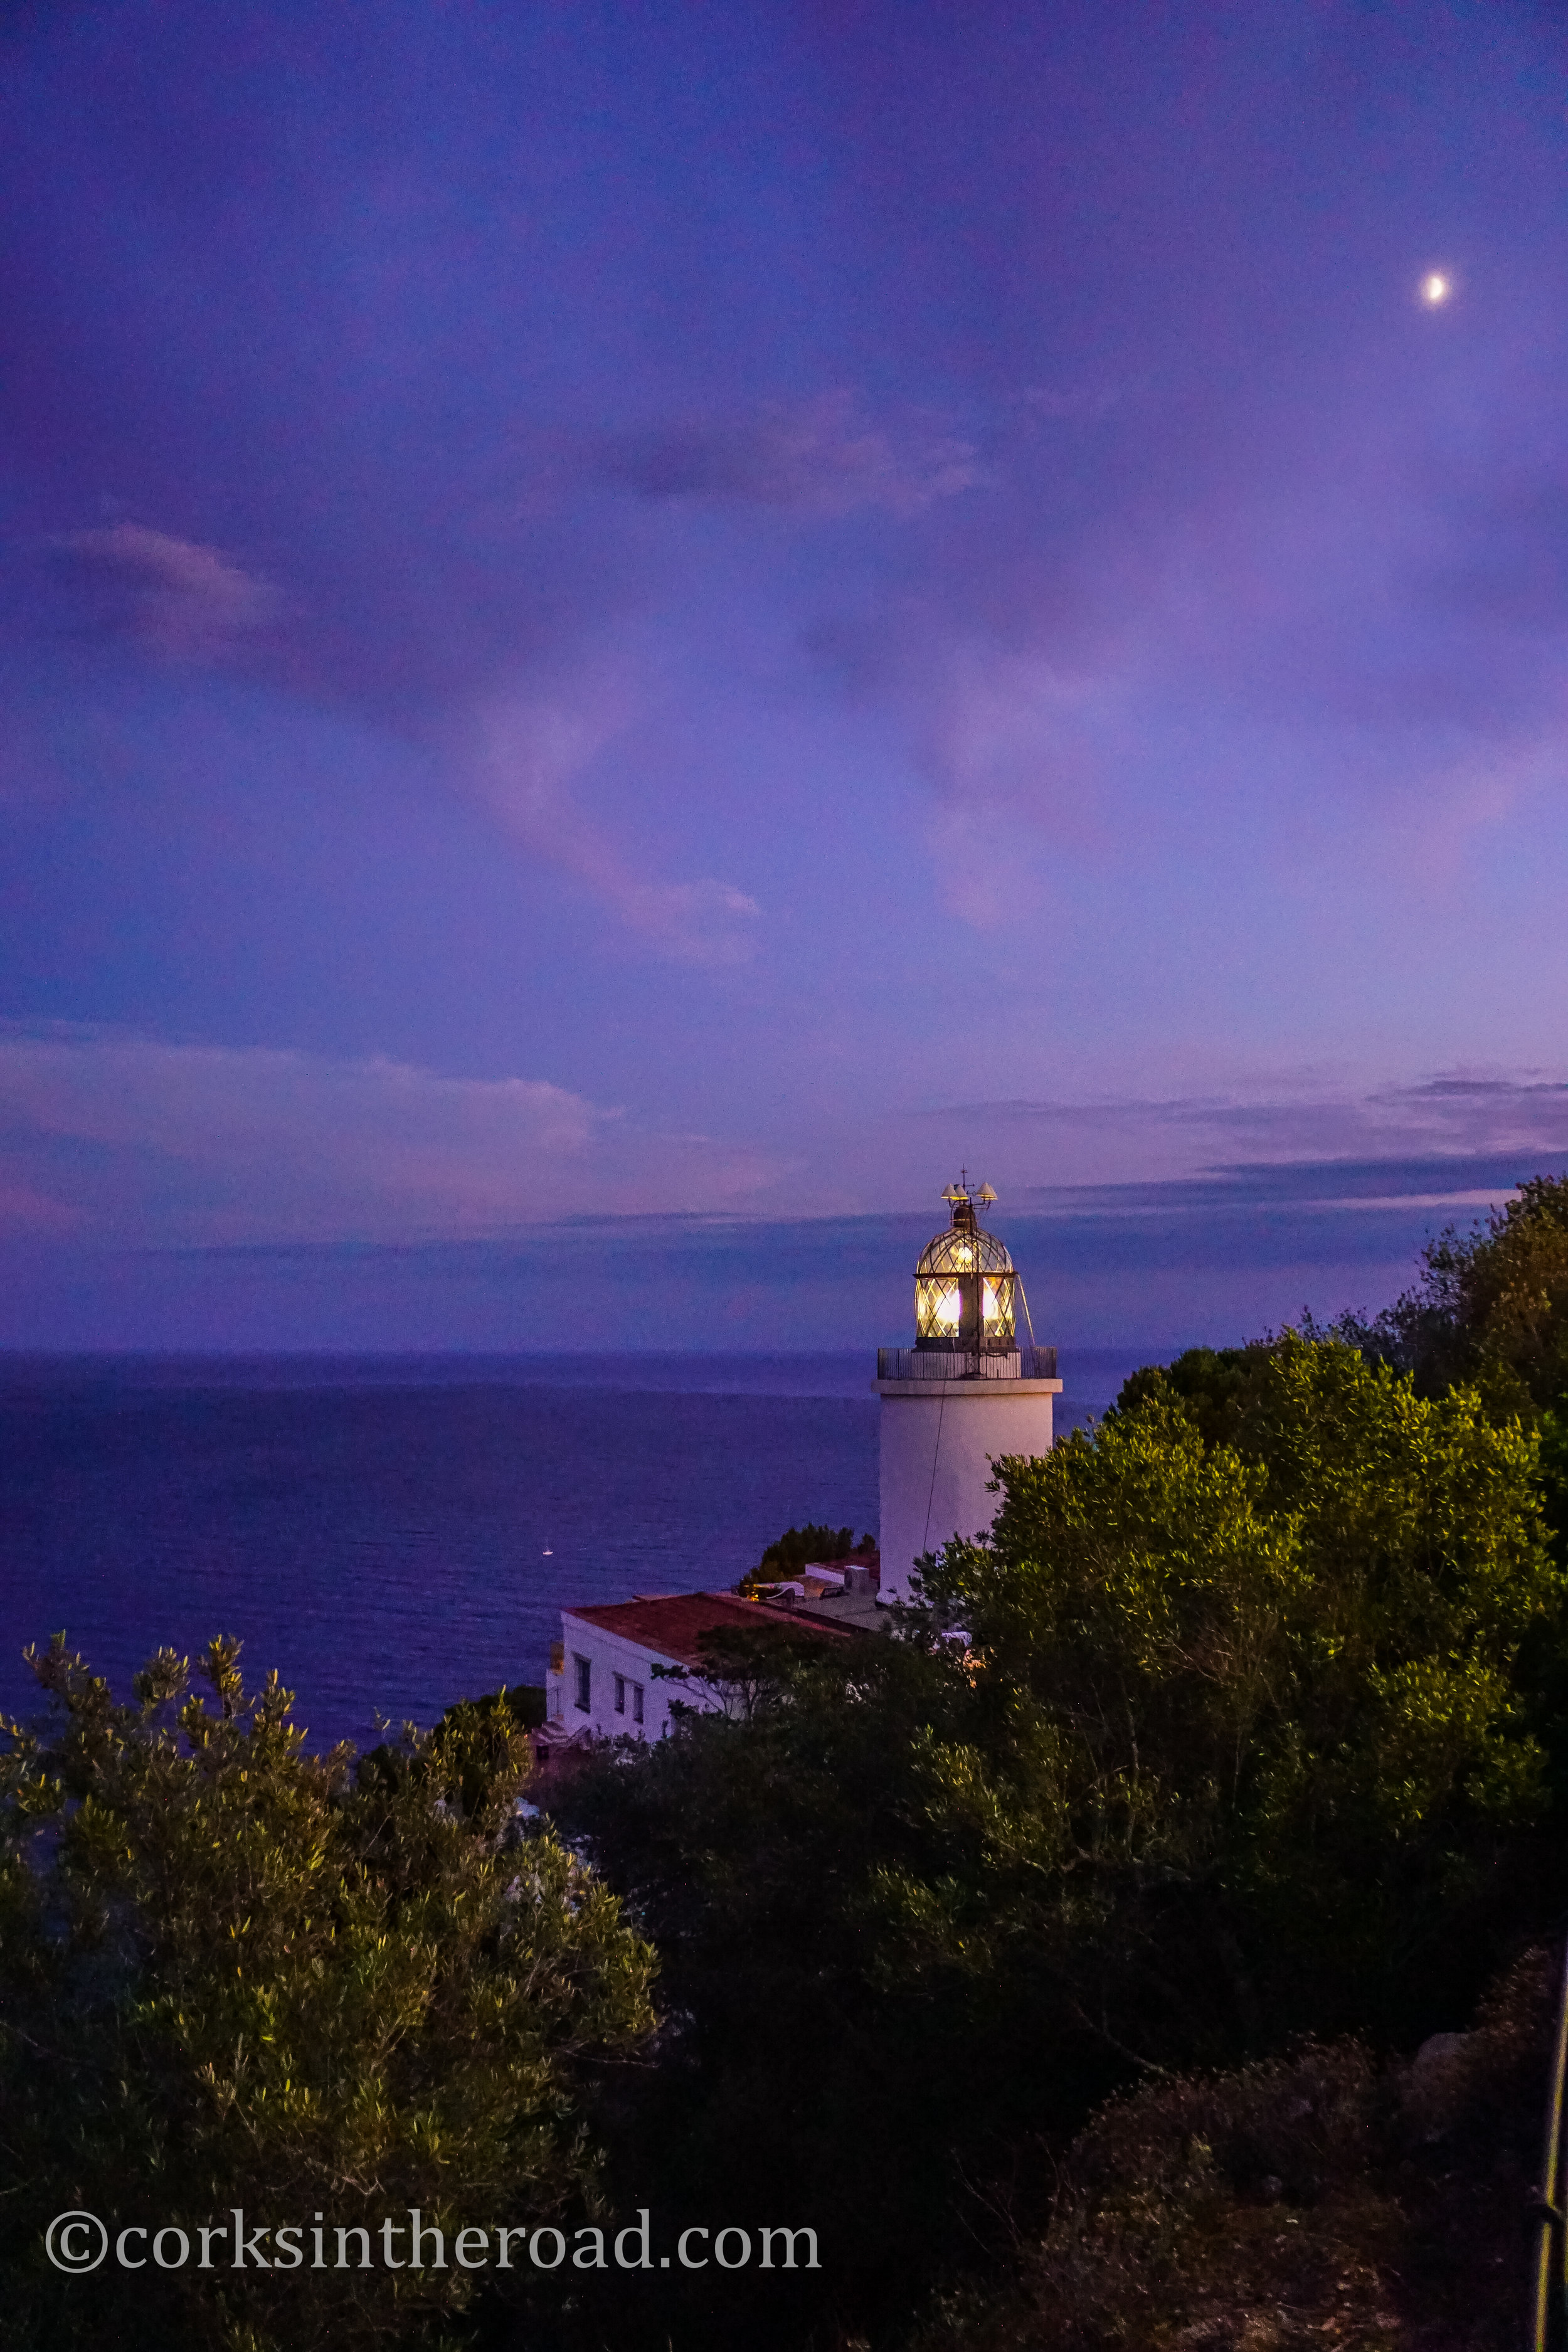 20160810Barcelona, Corksintheroad, Costa Brava, Costa Brava Landscape, Restaurant El Far, Sunsets-4.jpg